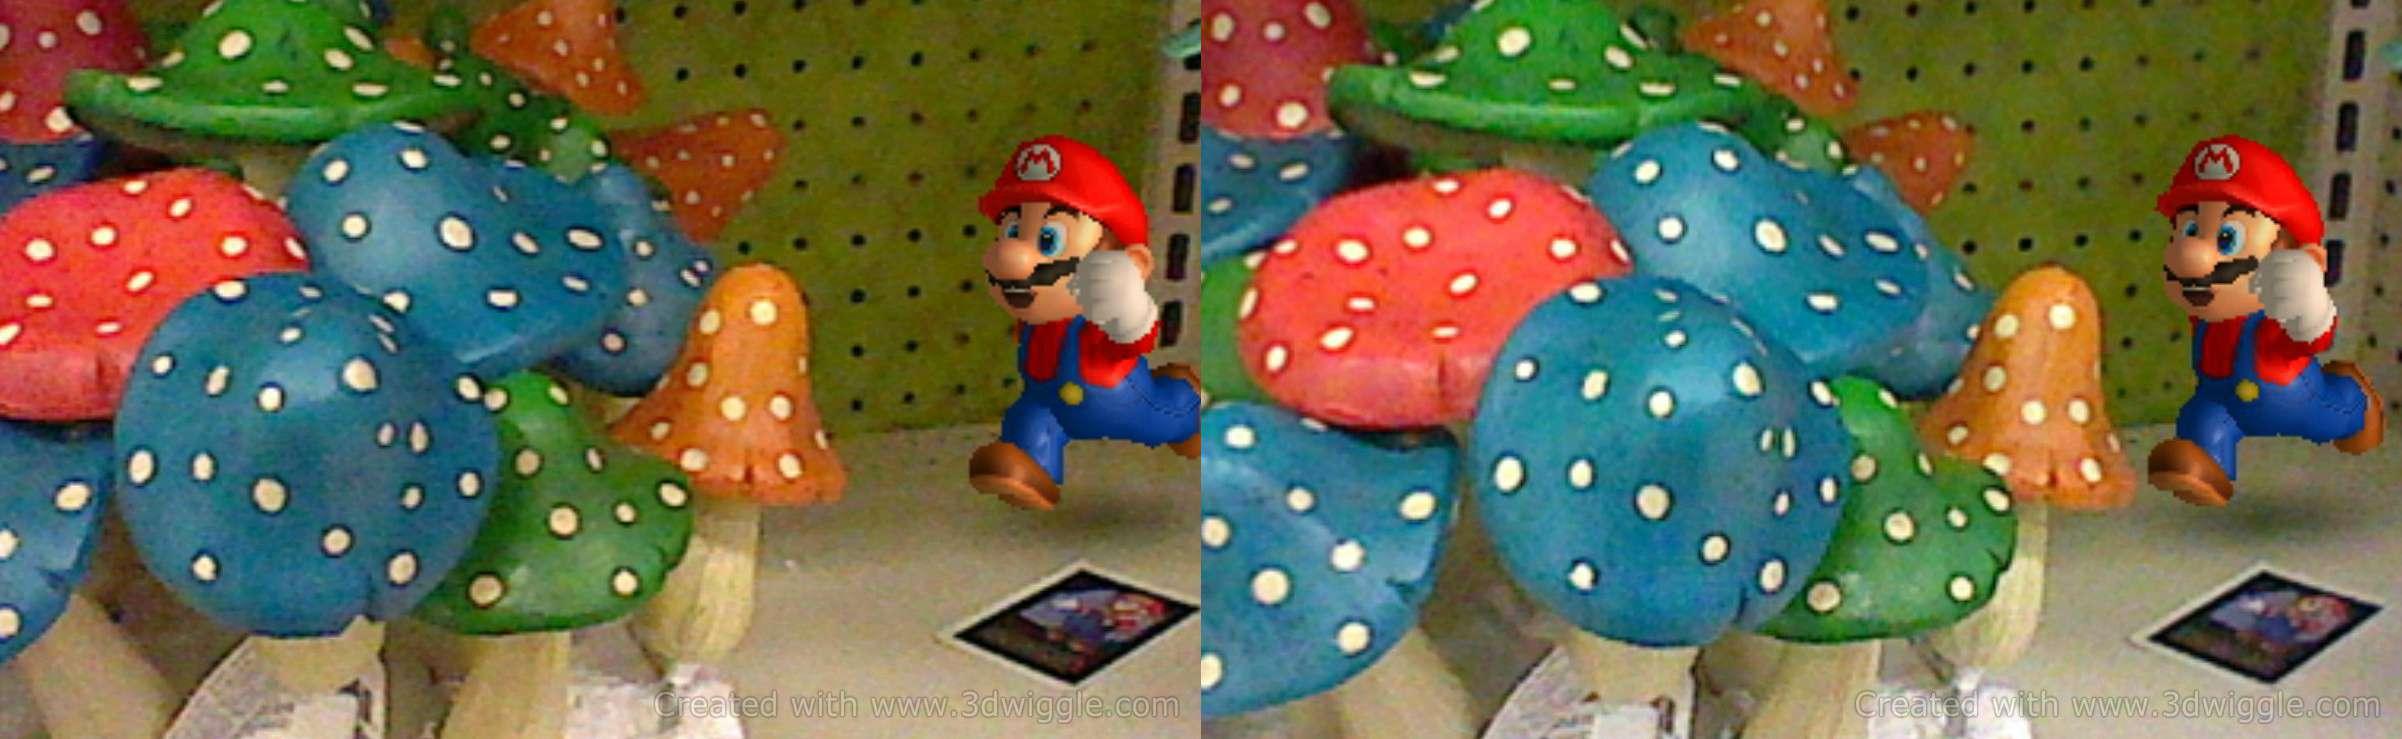 Nintendo in-game screenshot, 3dwiggle